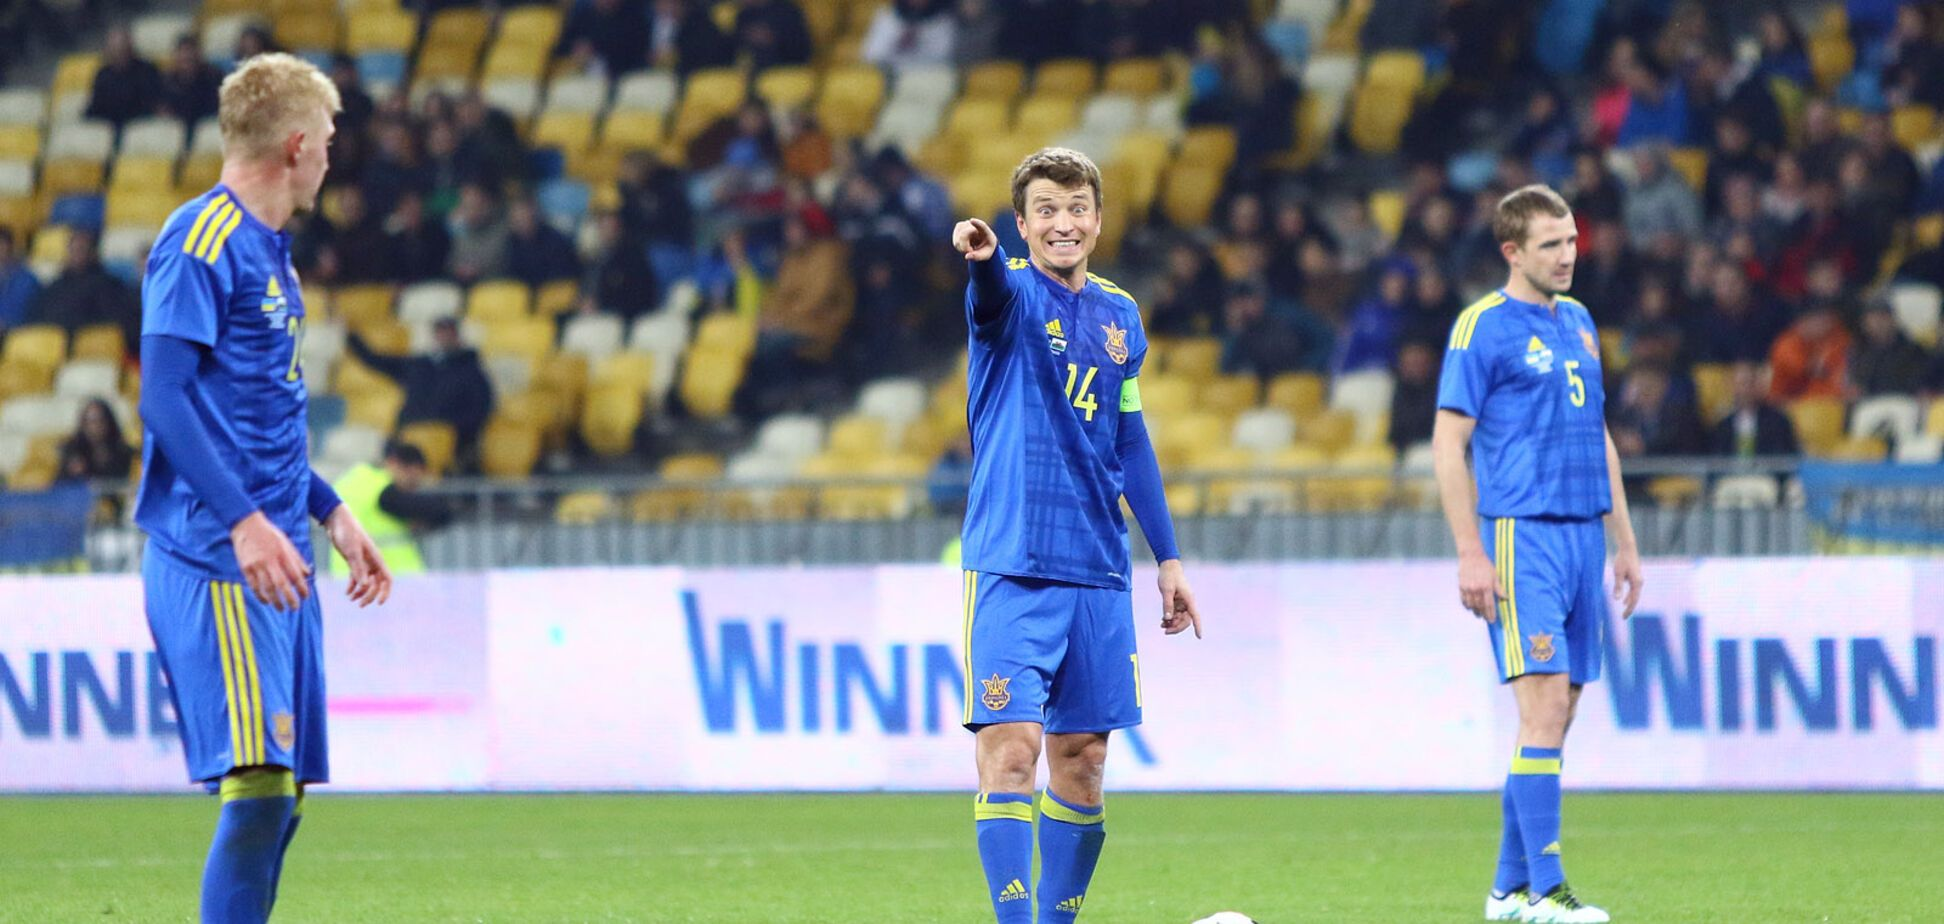 'Динамо' решилось на покупку двух футболистов сборной Украины - СМИ